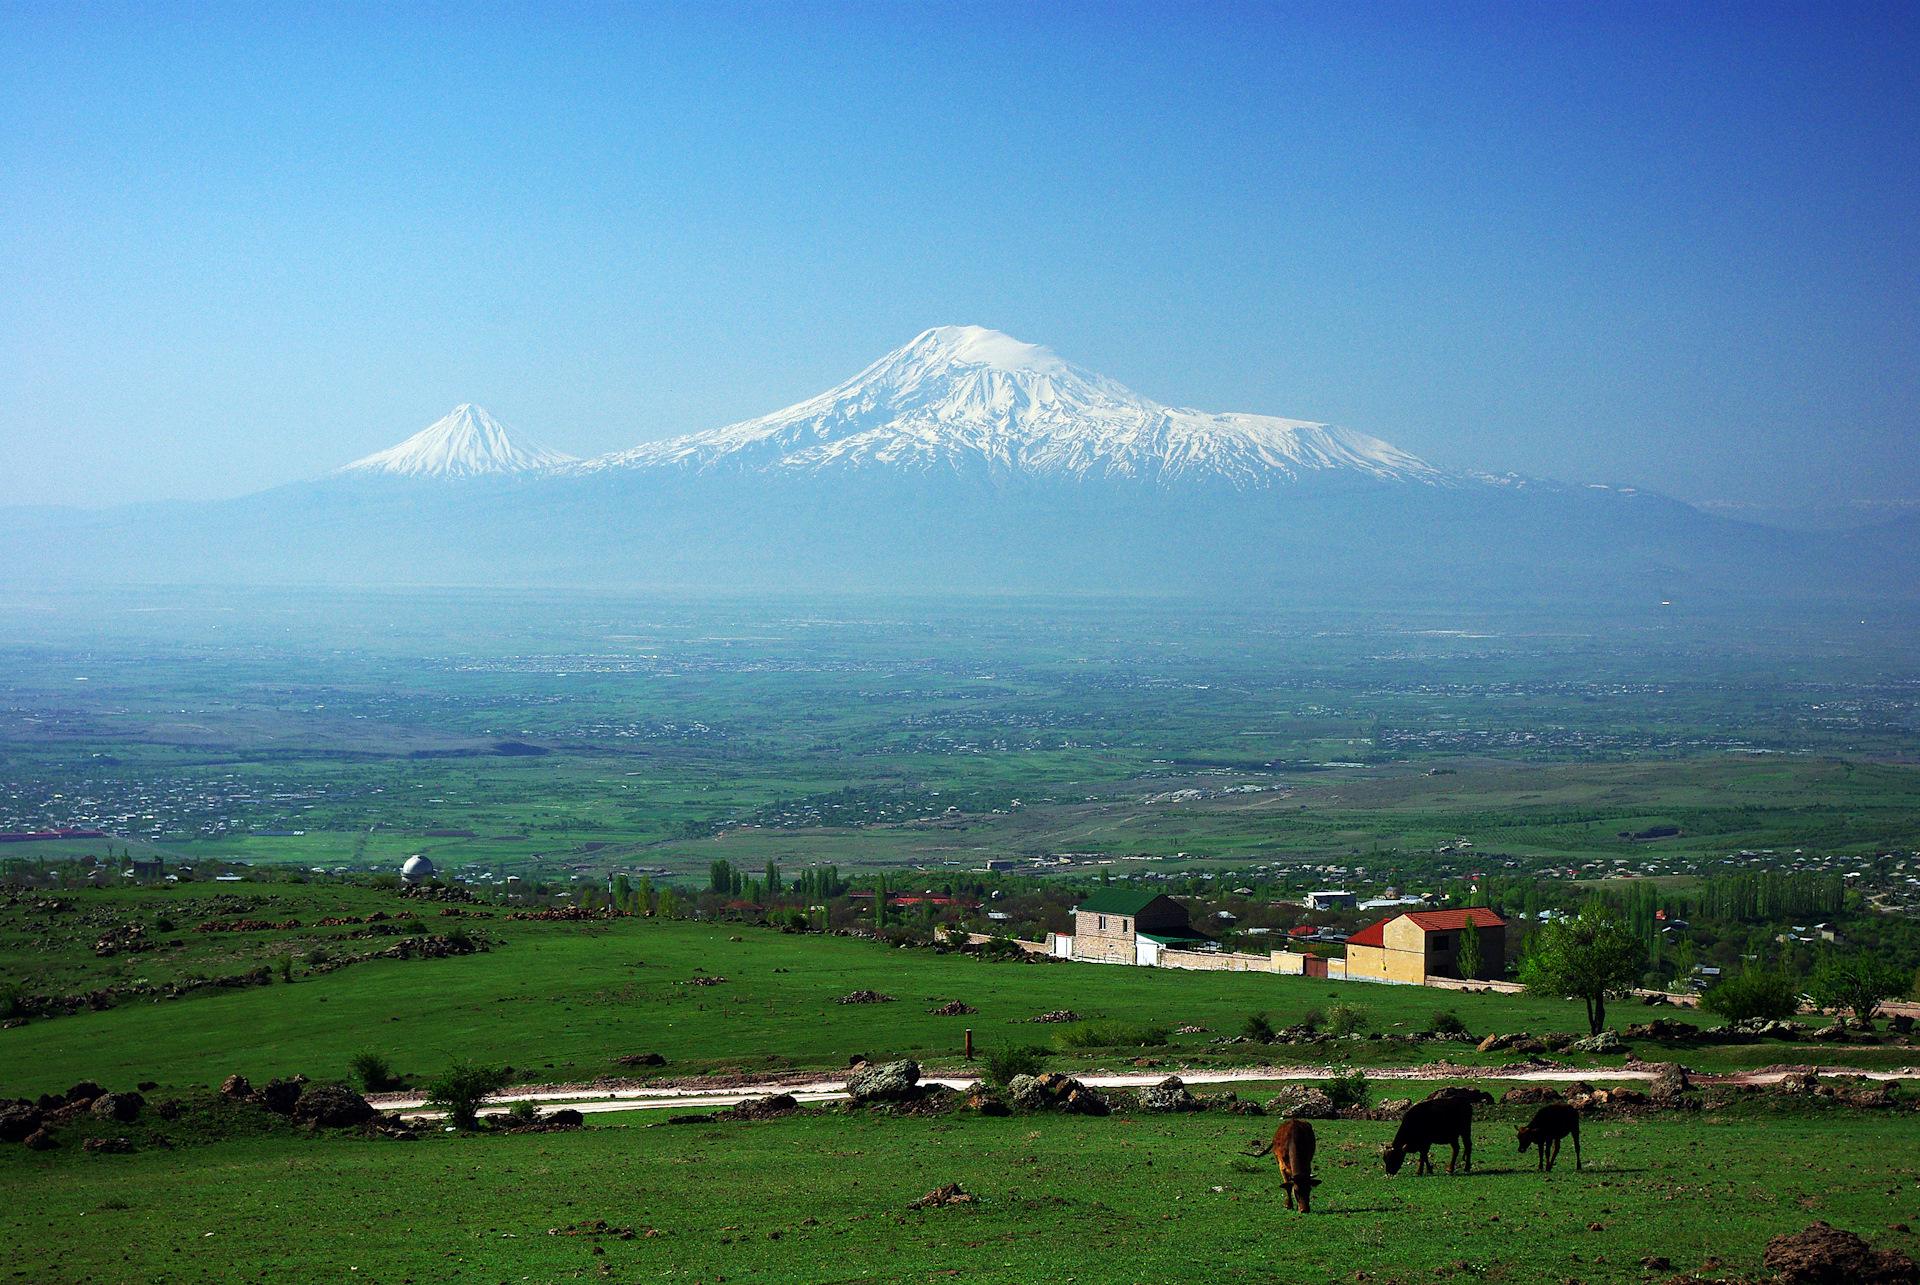 картинка золотистого фото про армению повстанцы